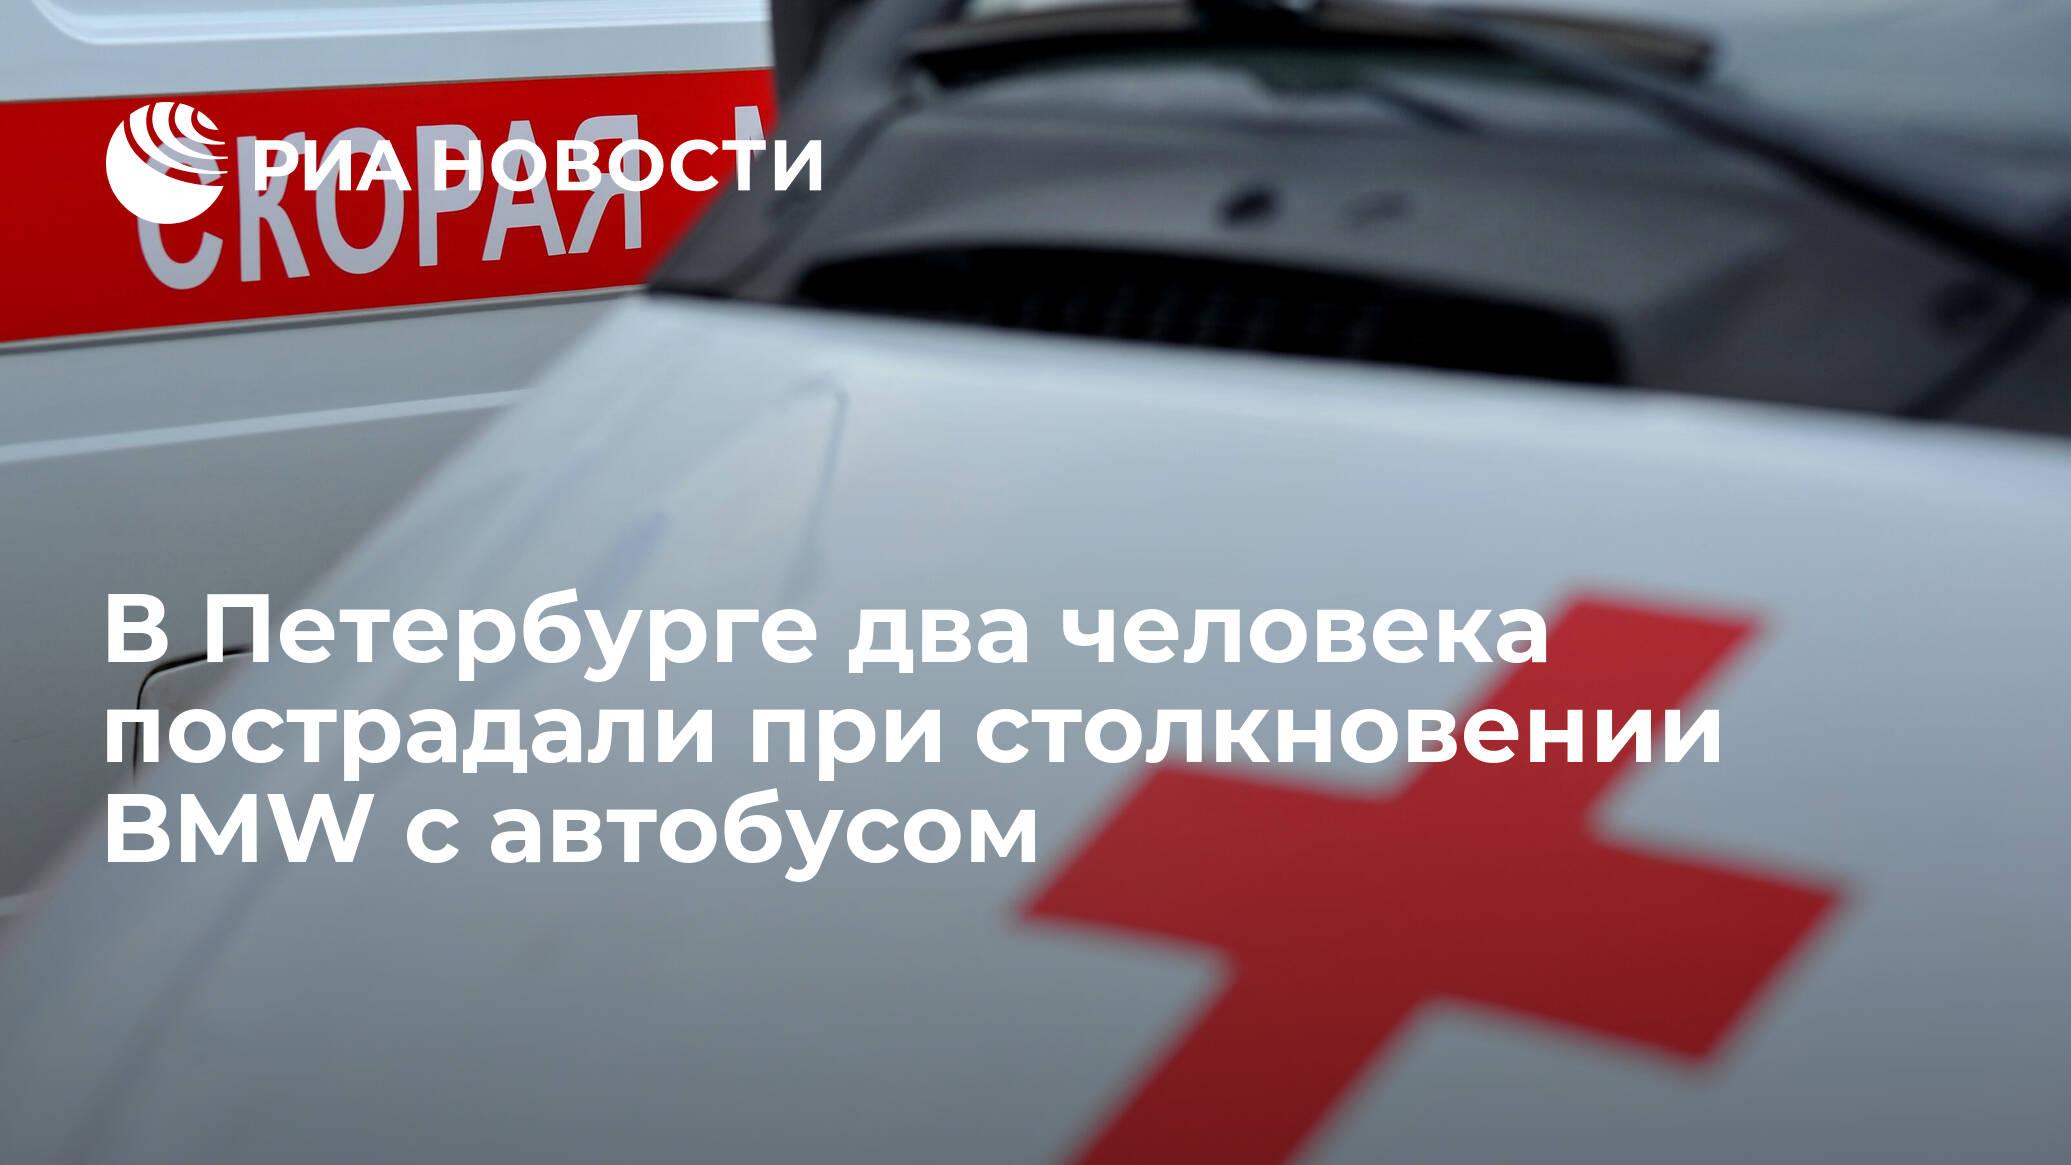 В Петербурге два человека пострадали при столкновении BMW с автобусом